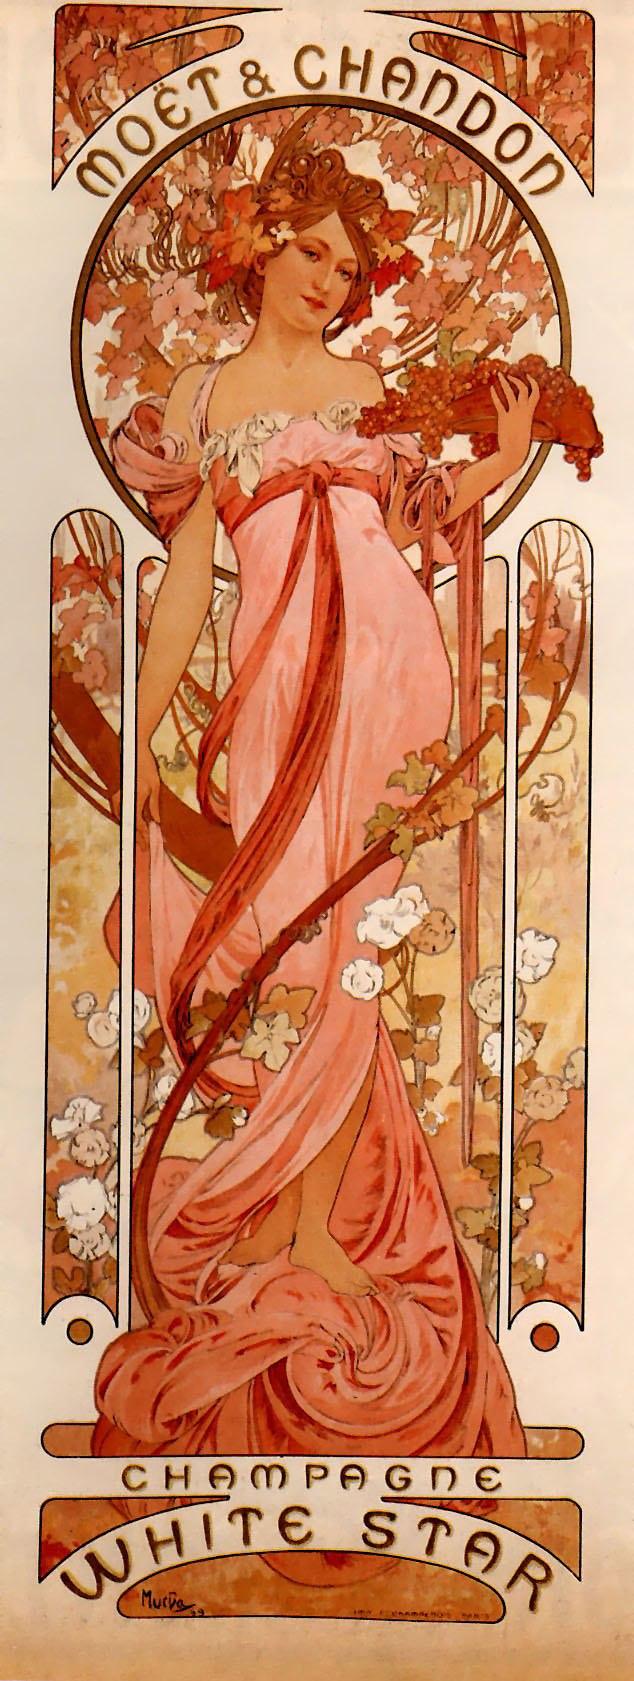 Mucha-Moët & Chandon White Star-1899